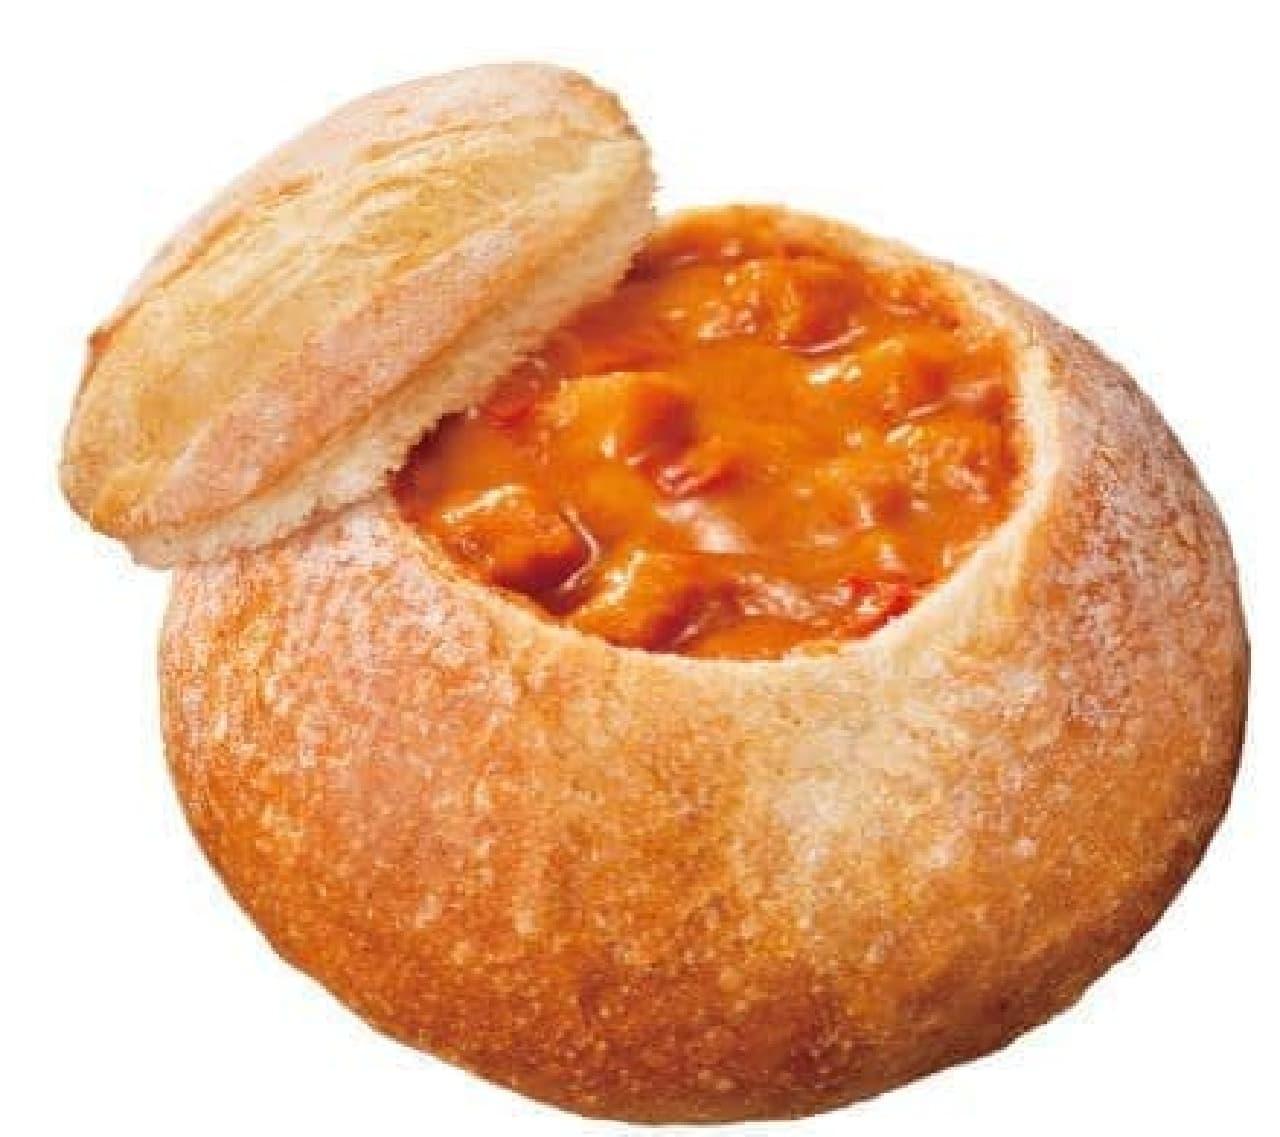 「オマール海老のビスク」は、オマール海老の旨みが閉じ込められた贅沢な味わいのスープが入ったスープパン